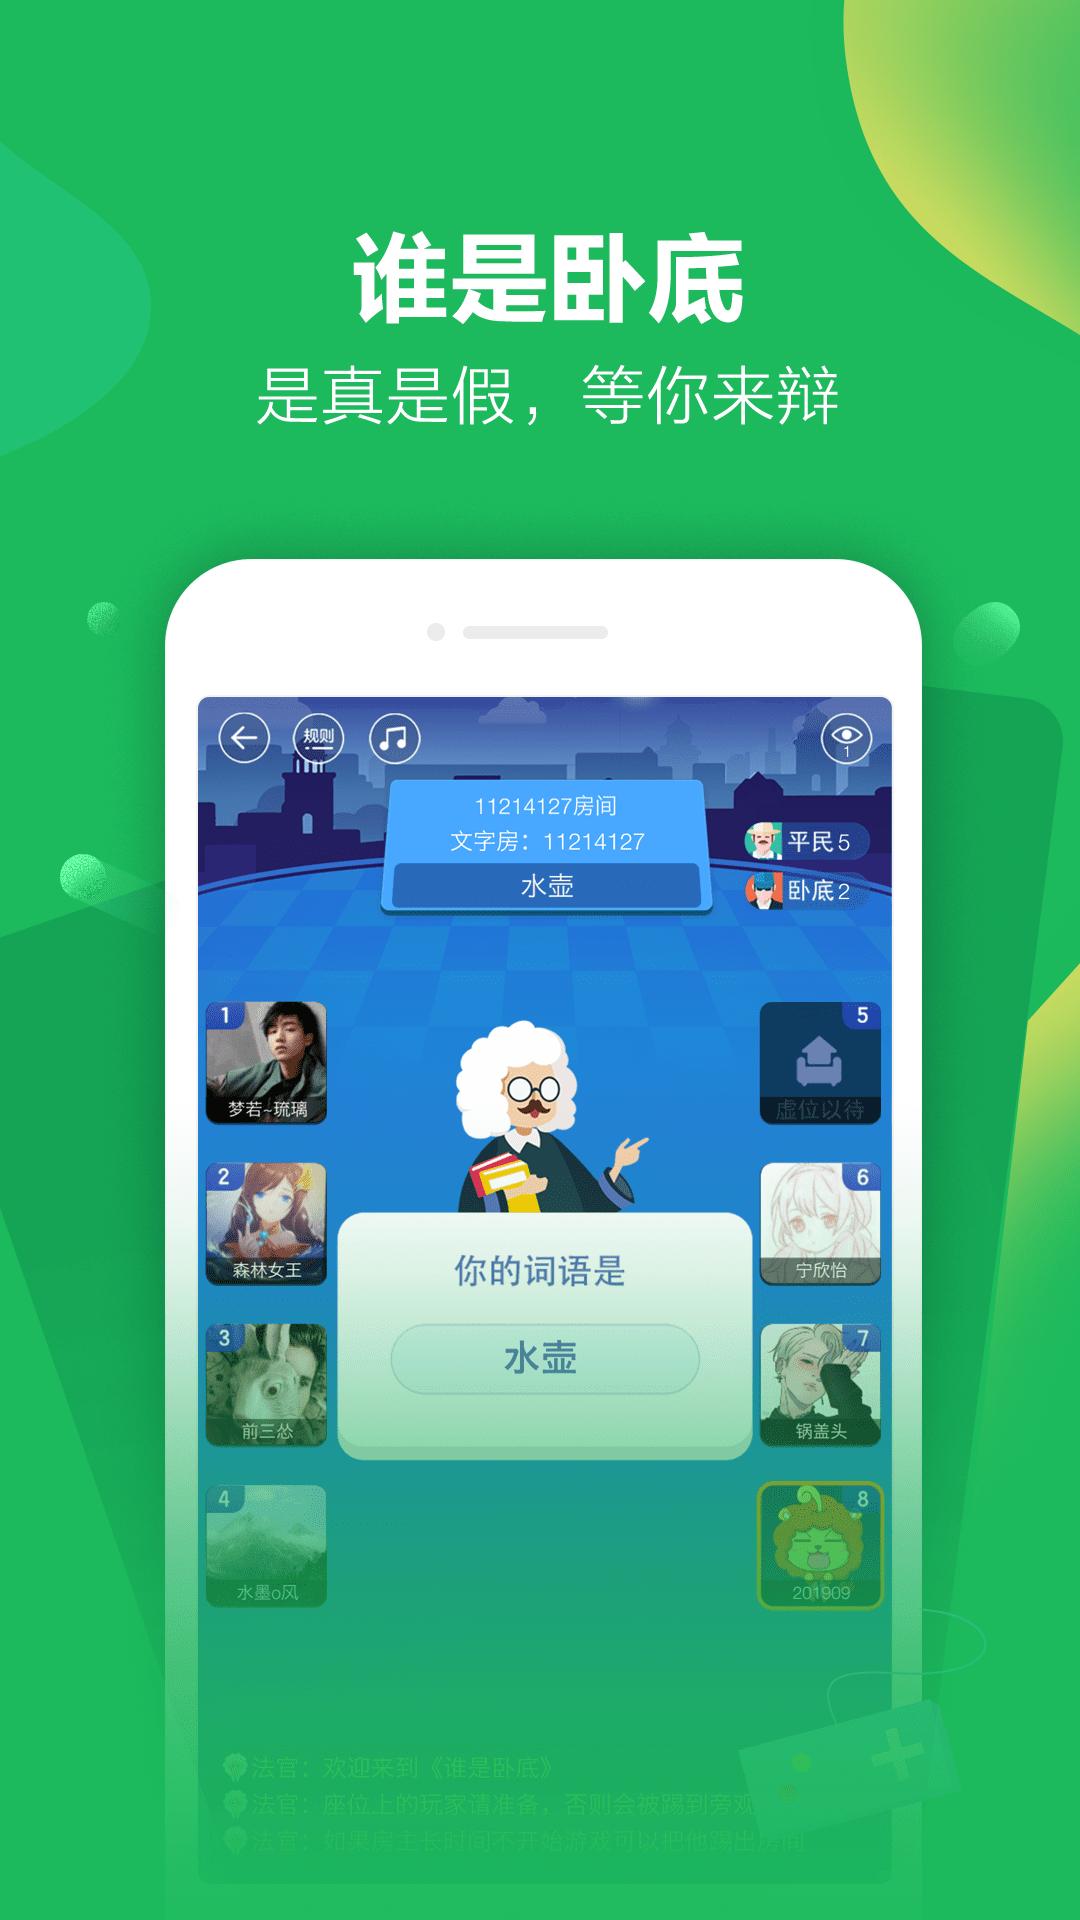 怡玩交友 V3.0.7 安卓版截图4